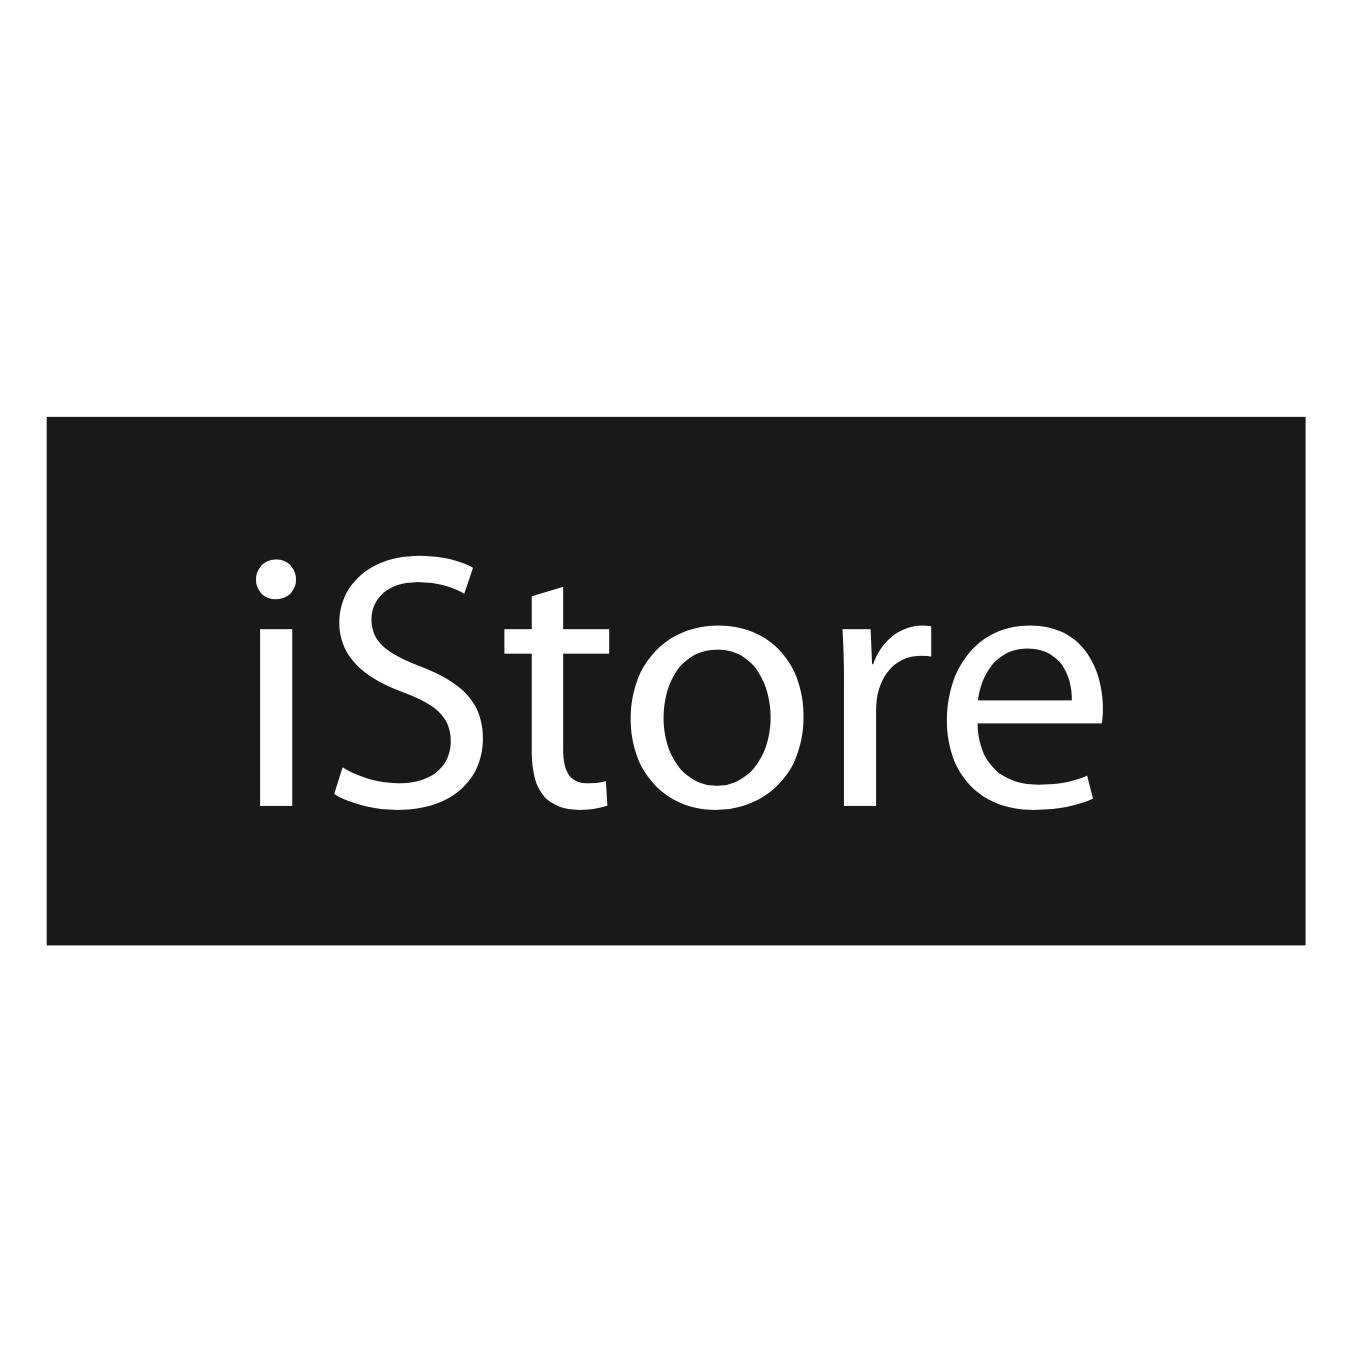 iPhone X 256GB - Silver